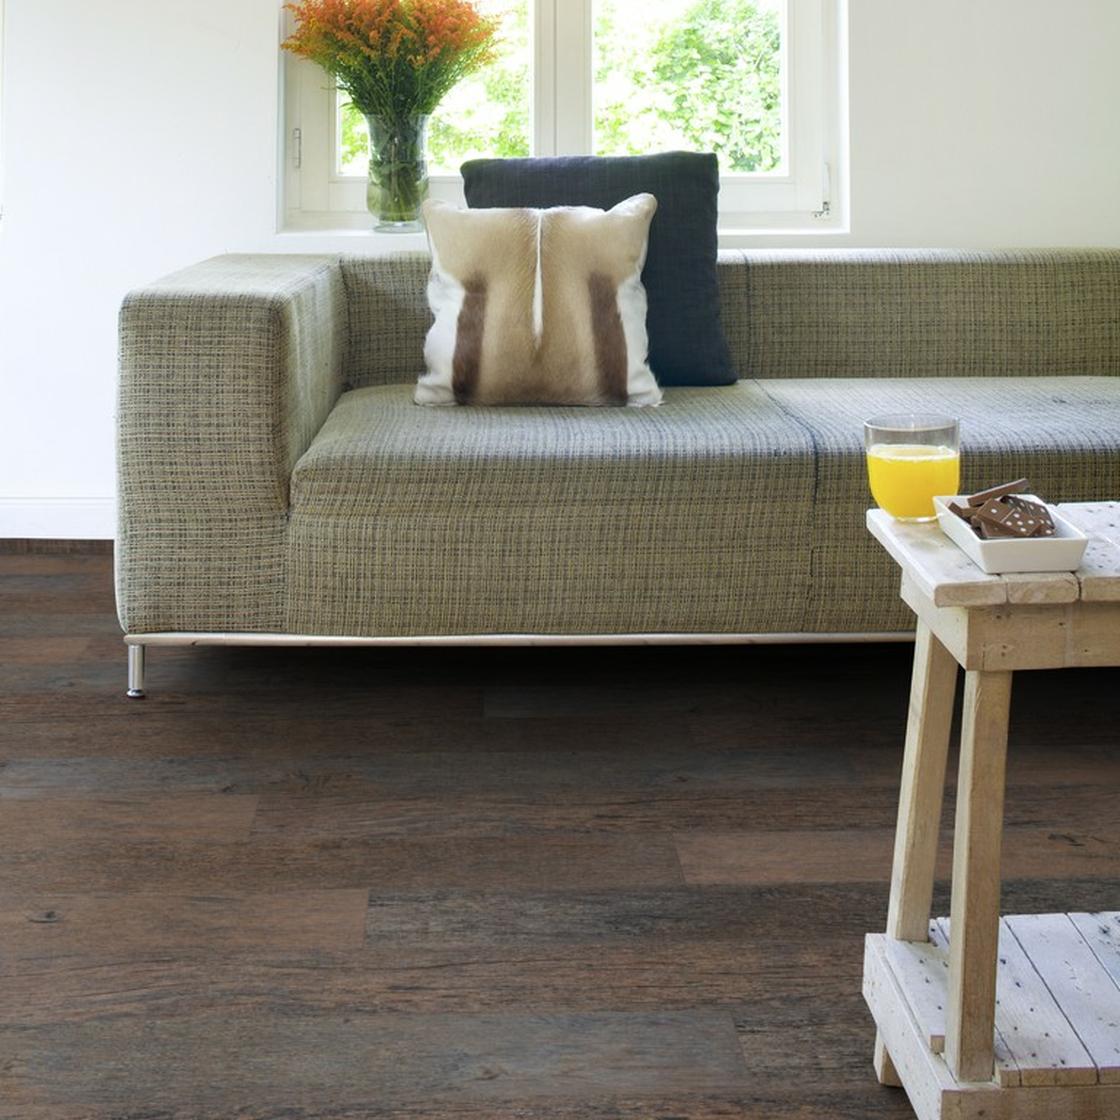 project floors pw 3040 55 floors work vinylboden designbodenbelag g nstig kaufen onlineshop. Black Bedroom Furniture Sets. Home Design Ideas